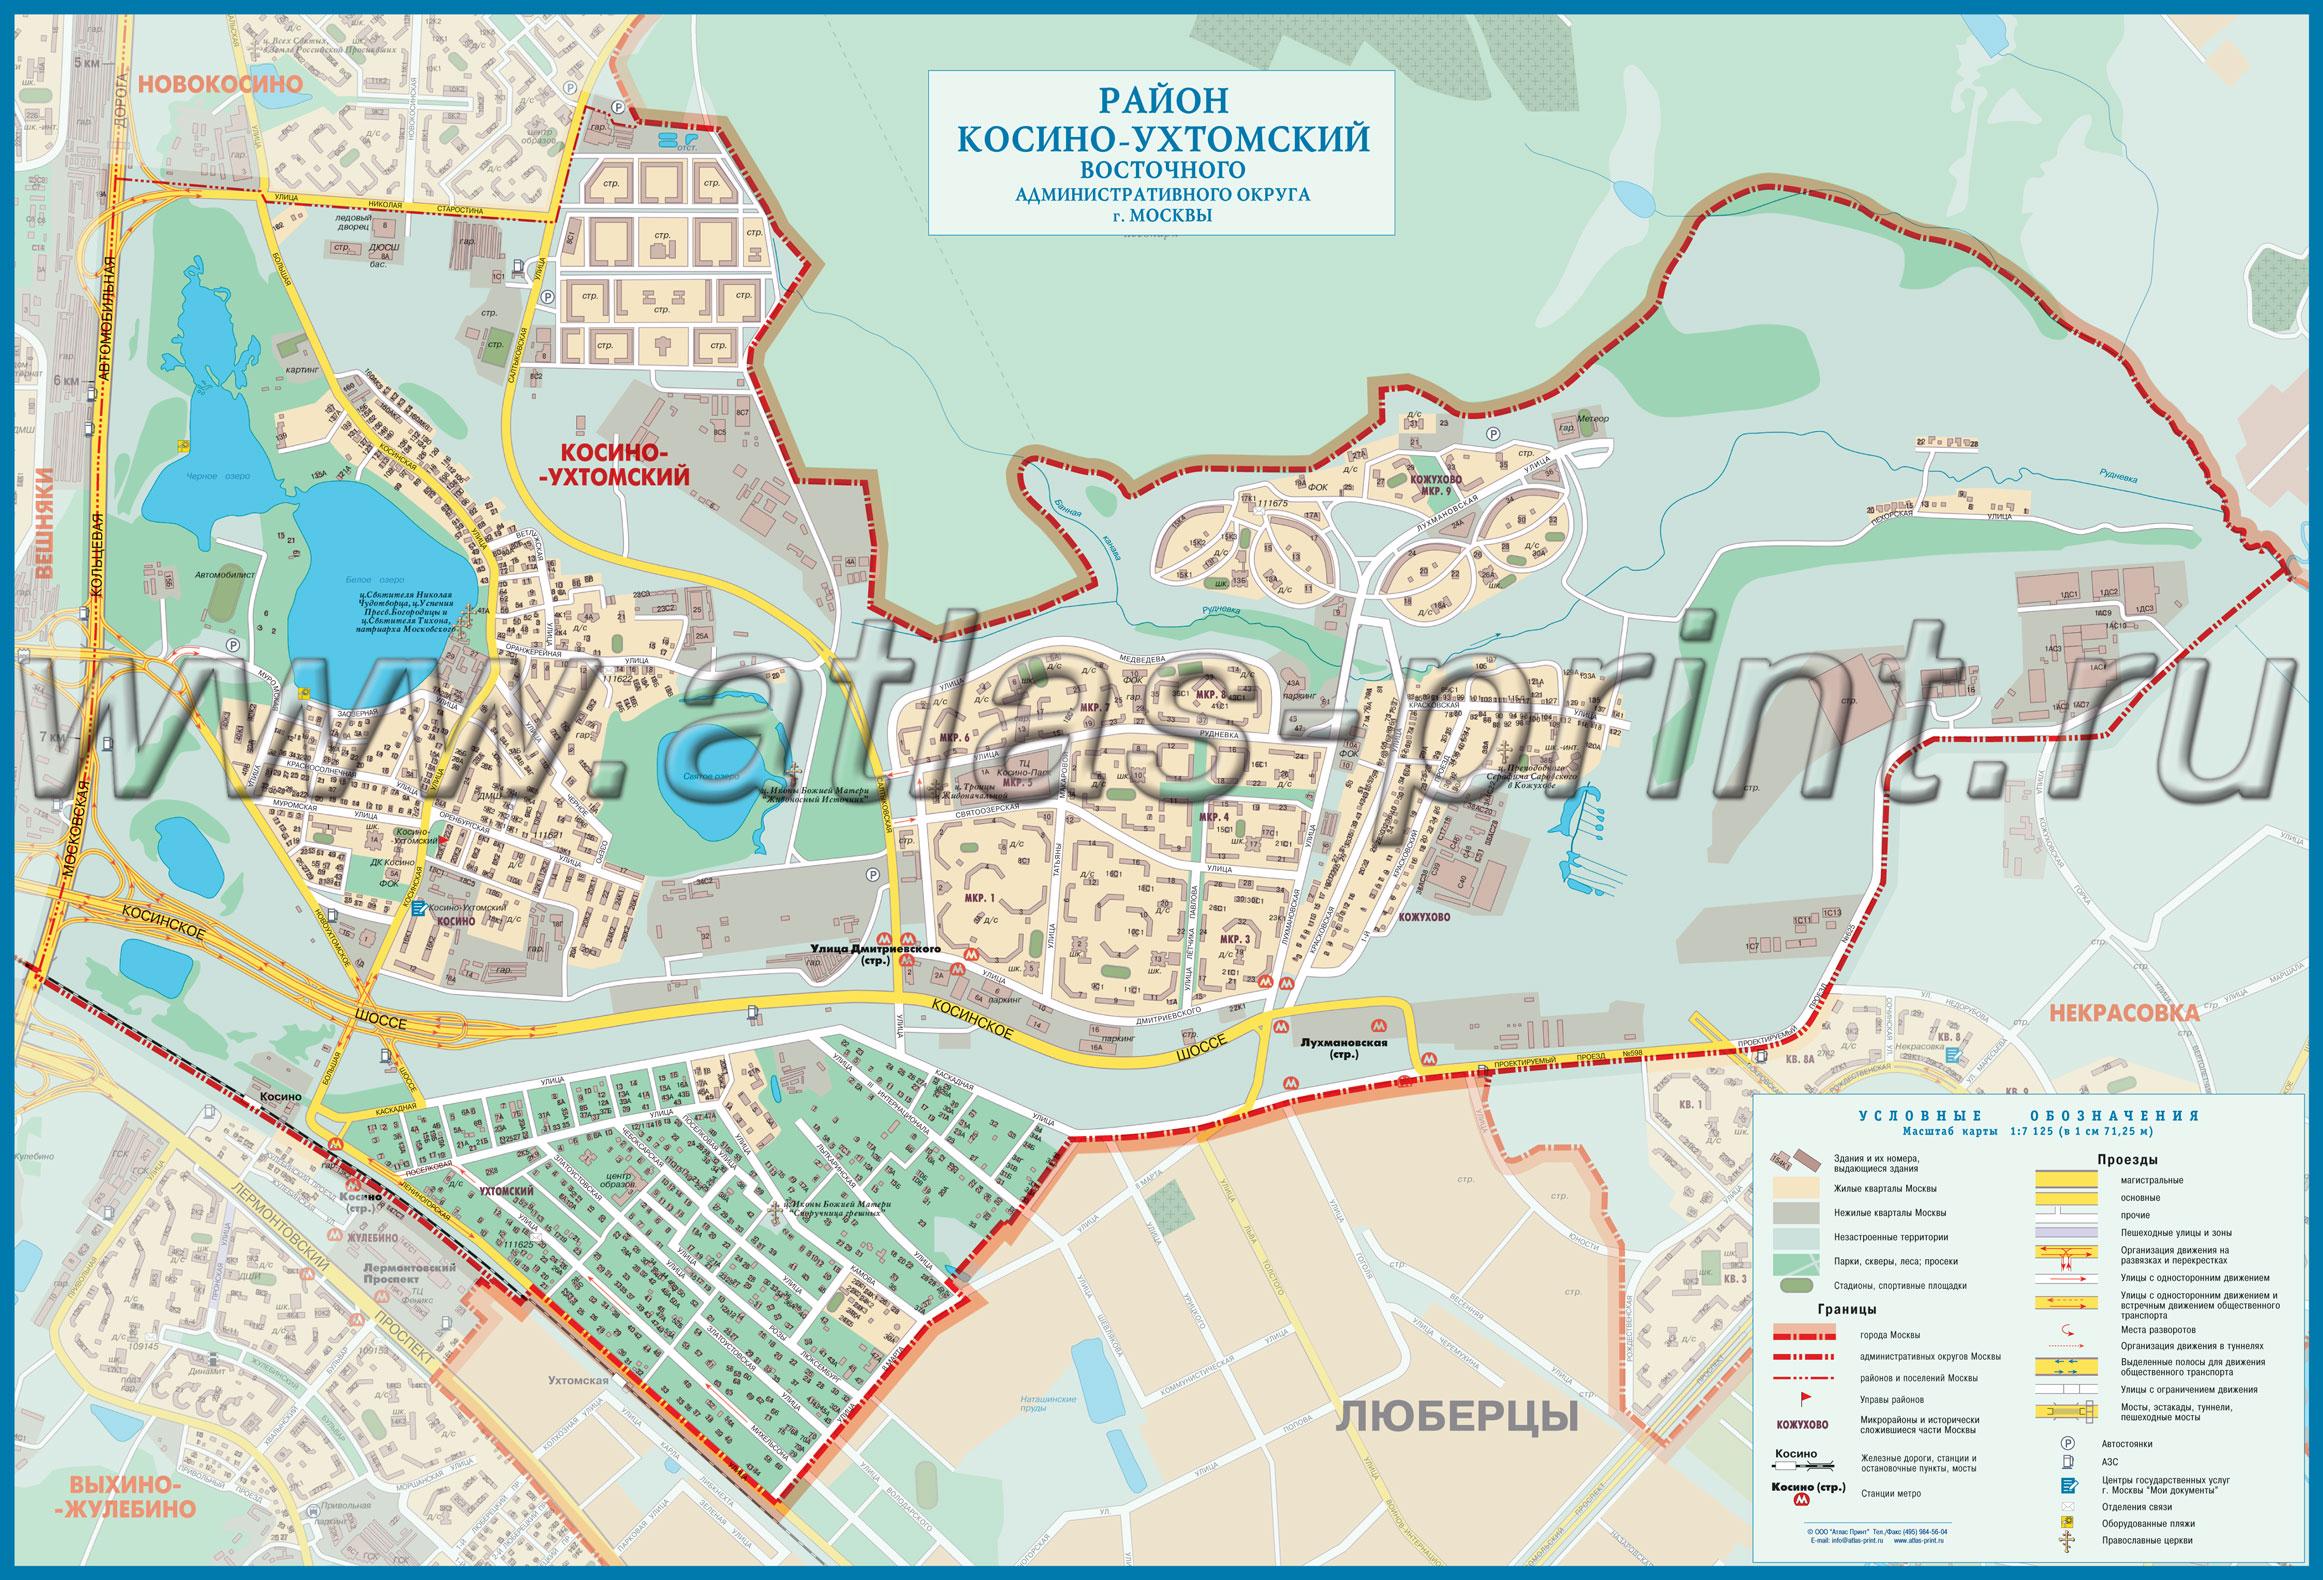 Настенная карта района Косино-Ухтомский (ВАО) г.Москвы 1,00*0,68 м, ламинированная